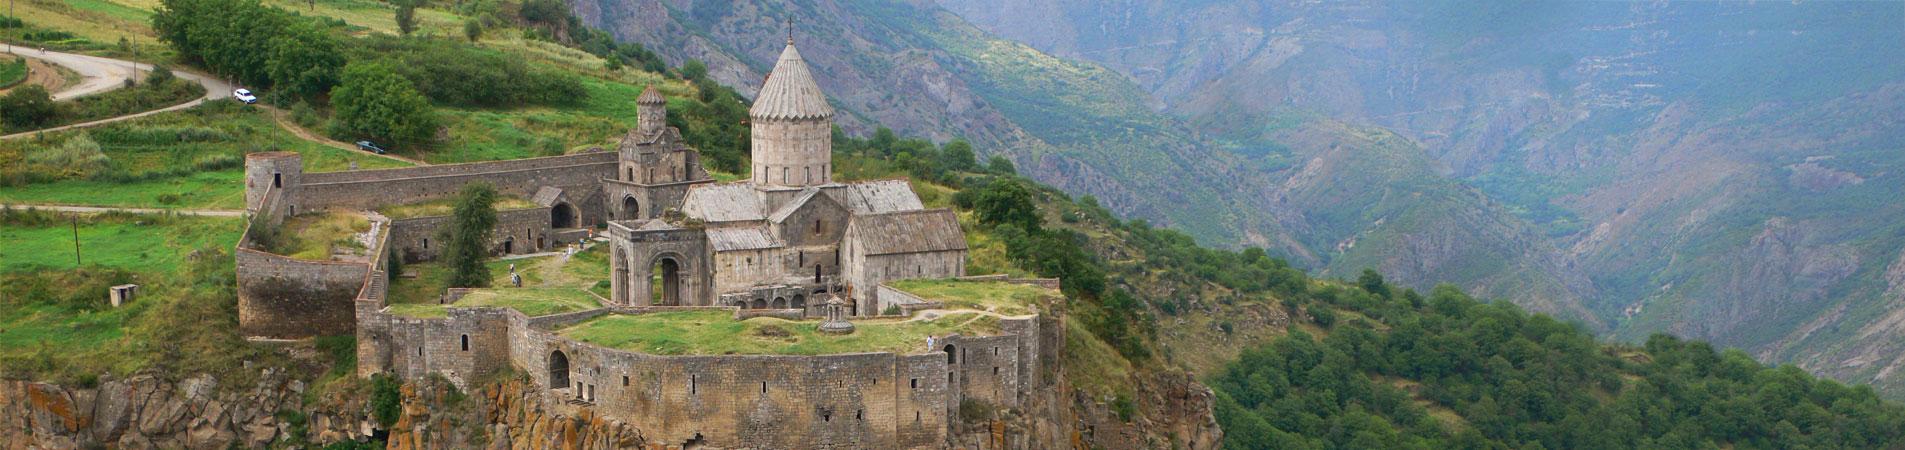 صومعه تاتو ؛ جذاب و تماشایی در دل کوهستان